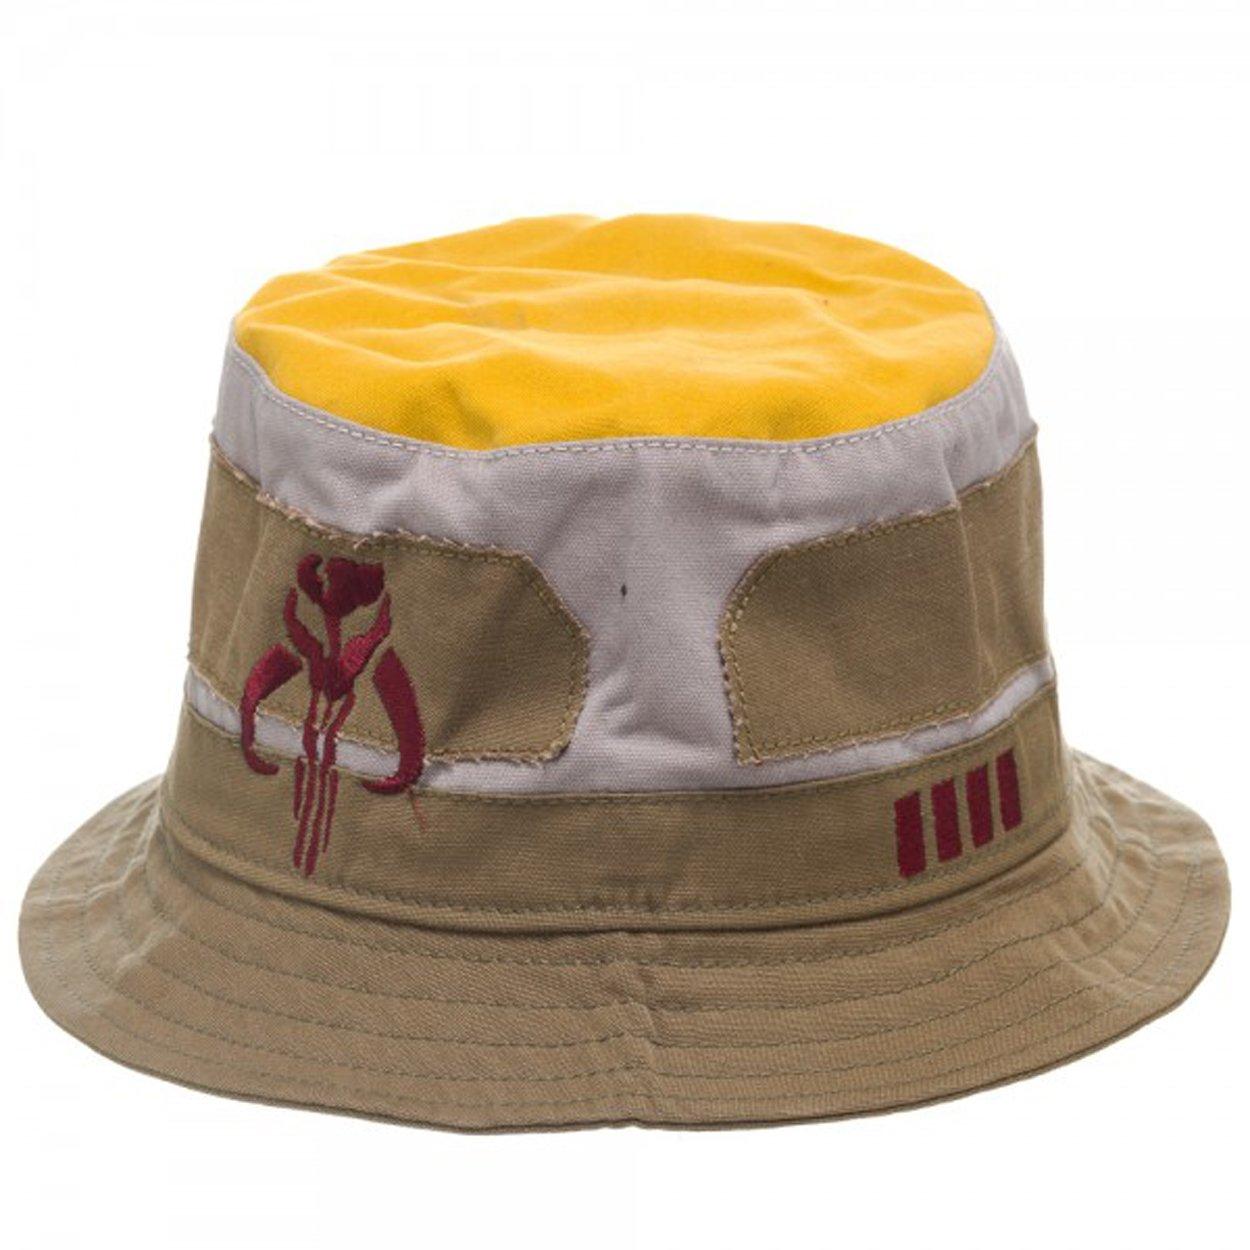 837b31c00bc Amazon.com  Bioworld Star Wars Boba Fett Bucket Hat  Clothing